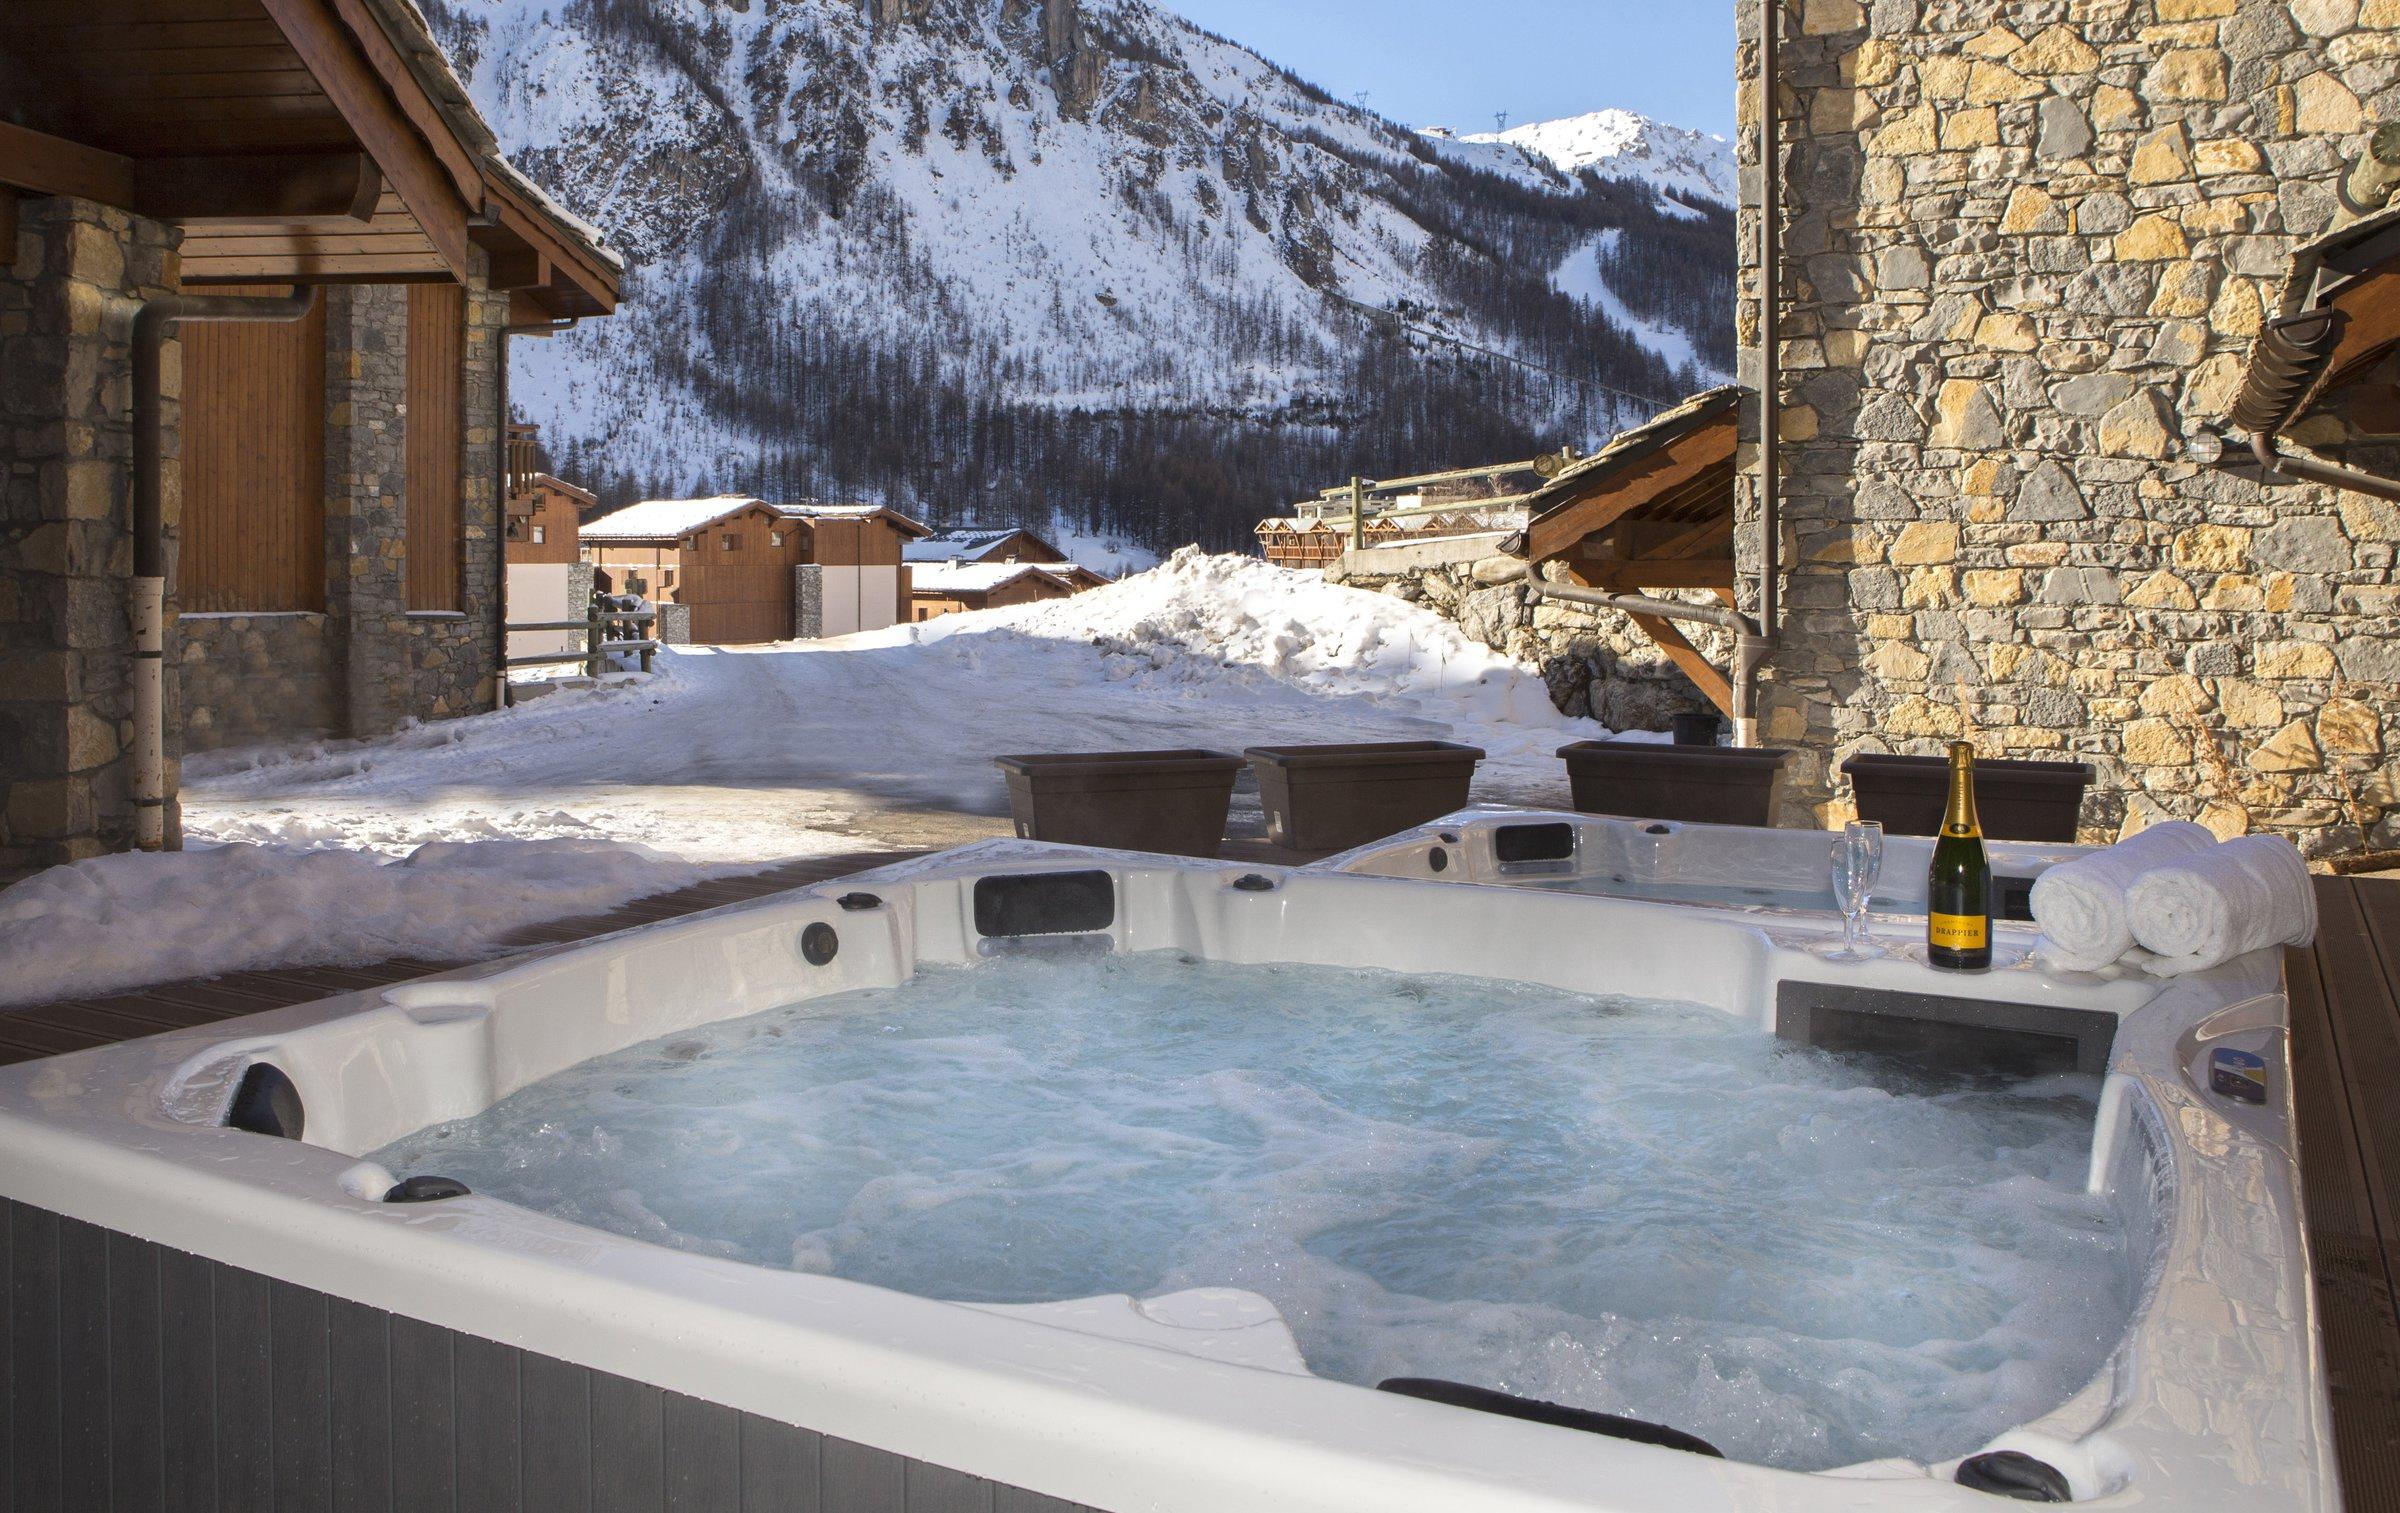 chalet bellevarde in val d 39 is re france le ski. Black Bedroom Furniture Sets. Home Design Ideas